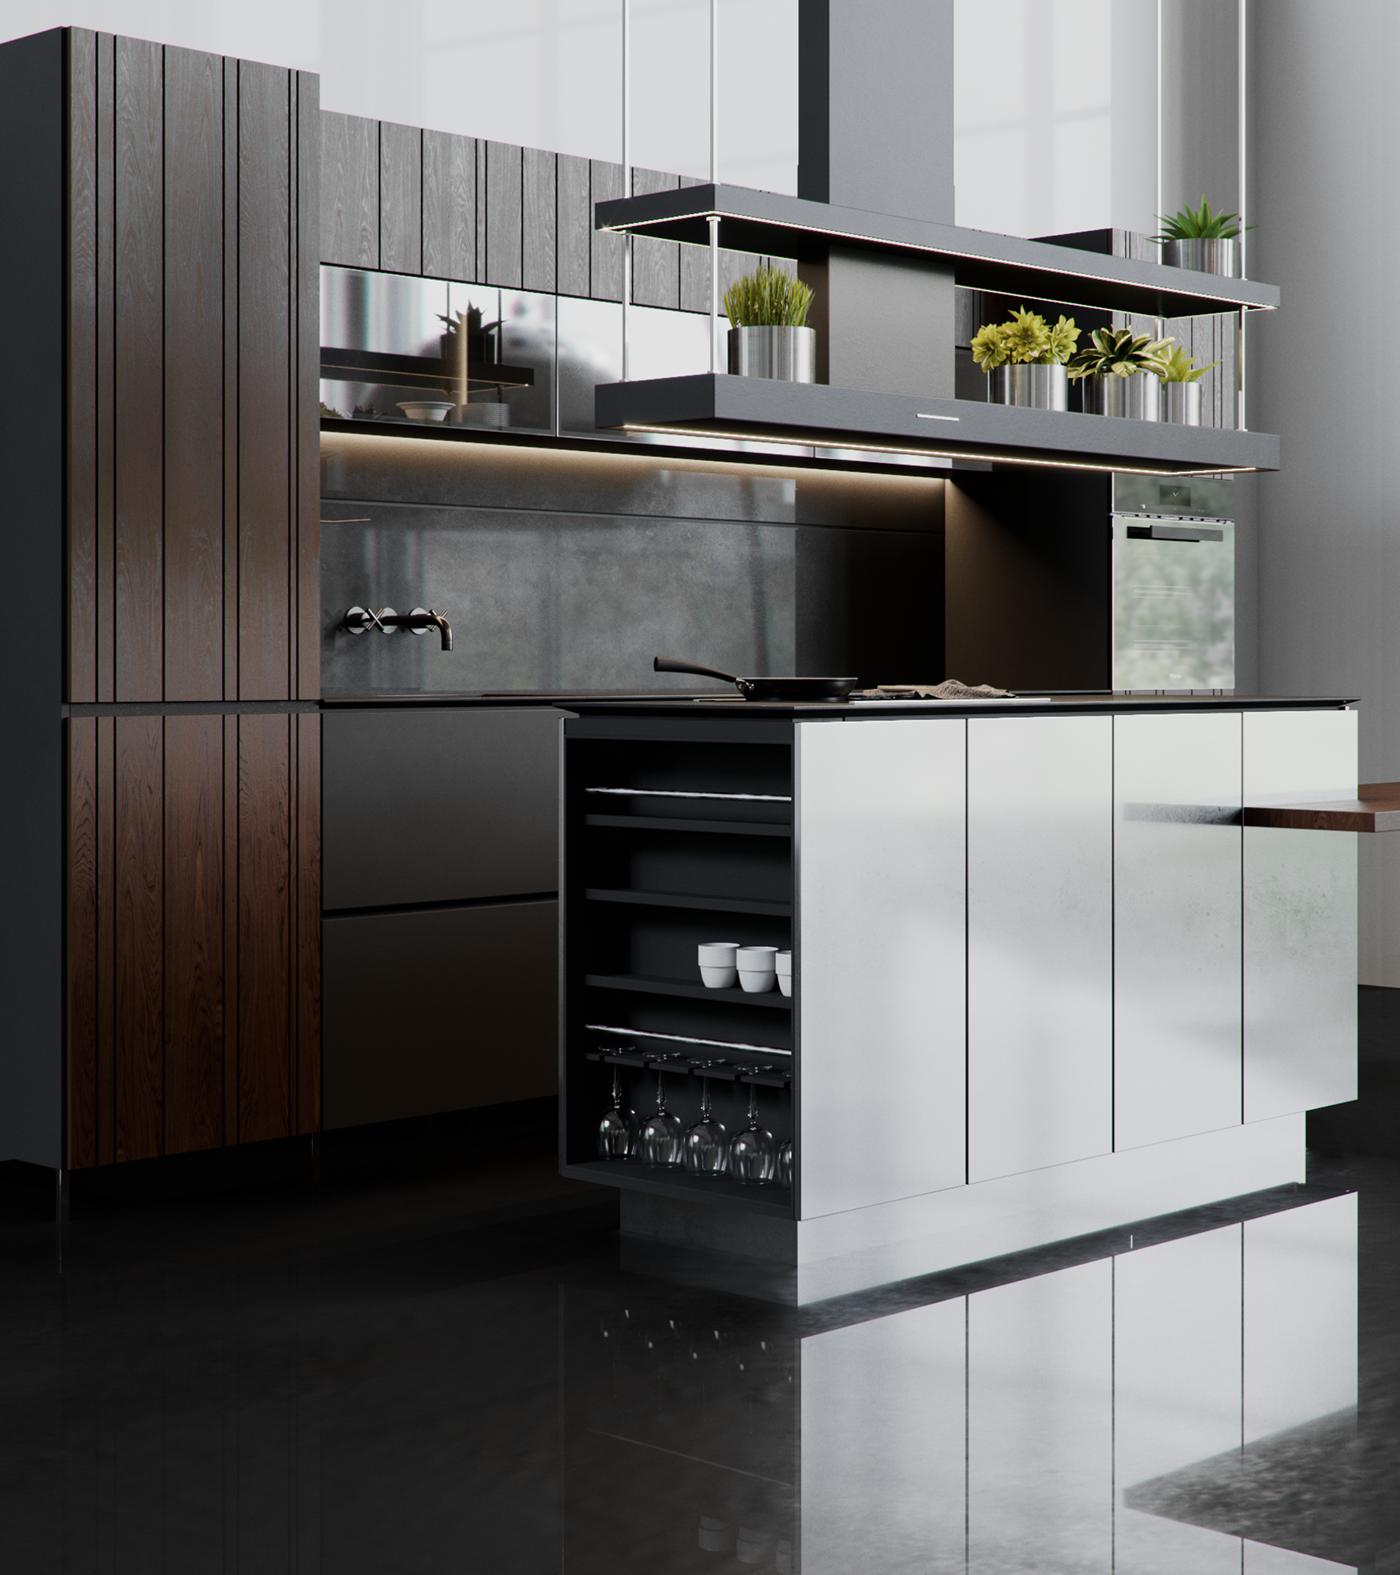 Kitchen furniture Design on Behance